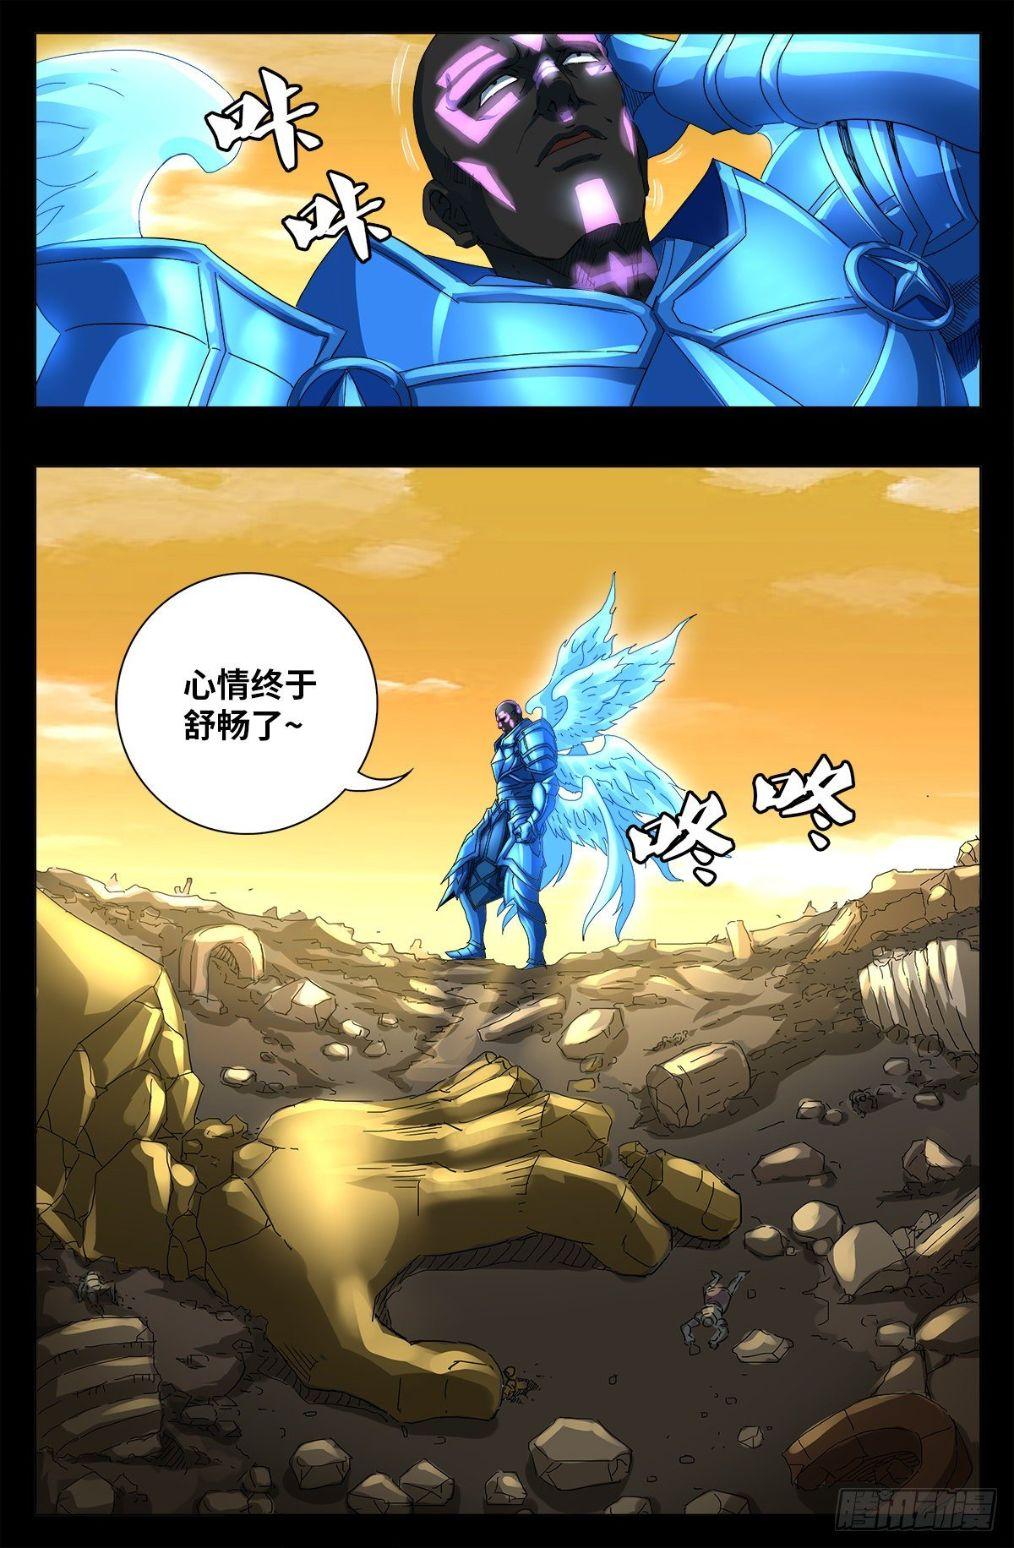 僵尸王漫画:戒魔人 第649话 蛇弹